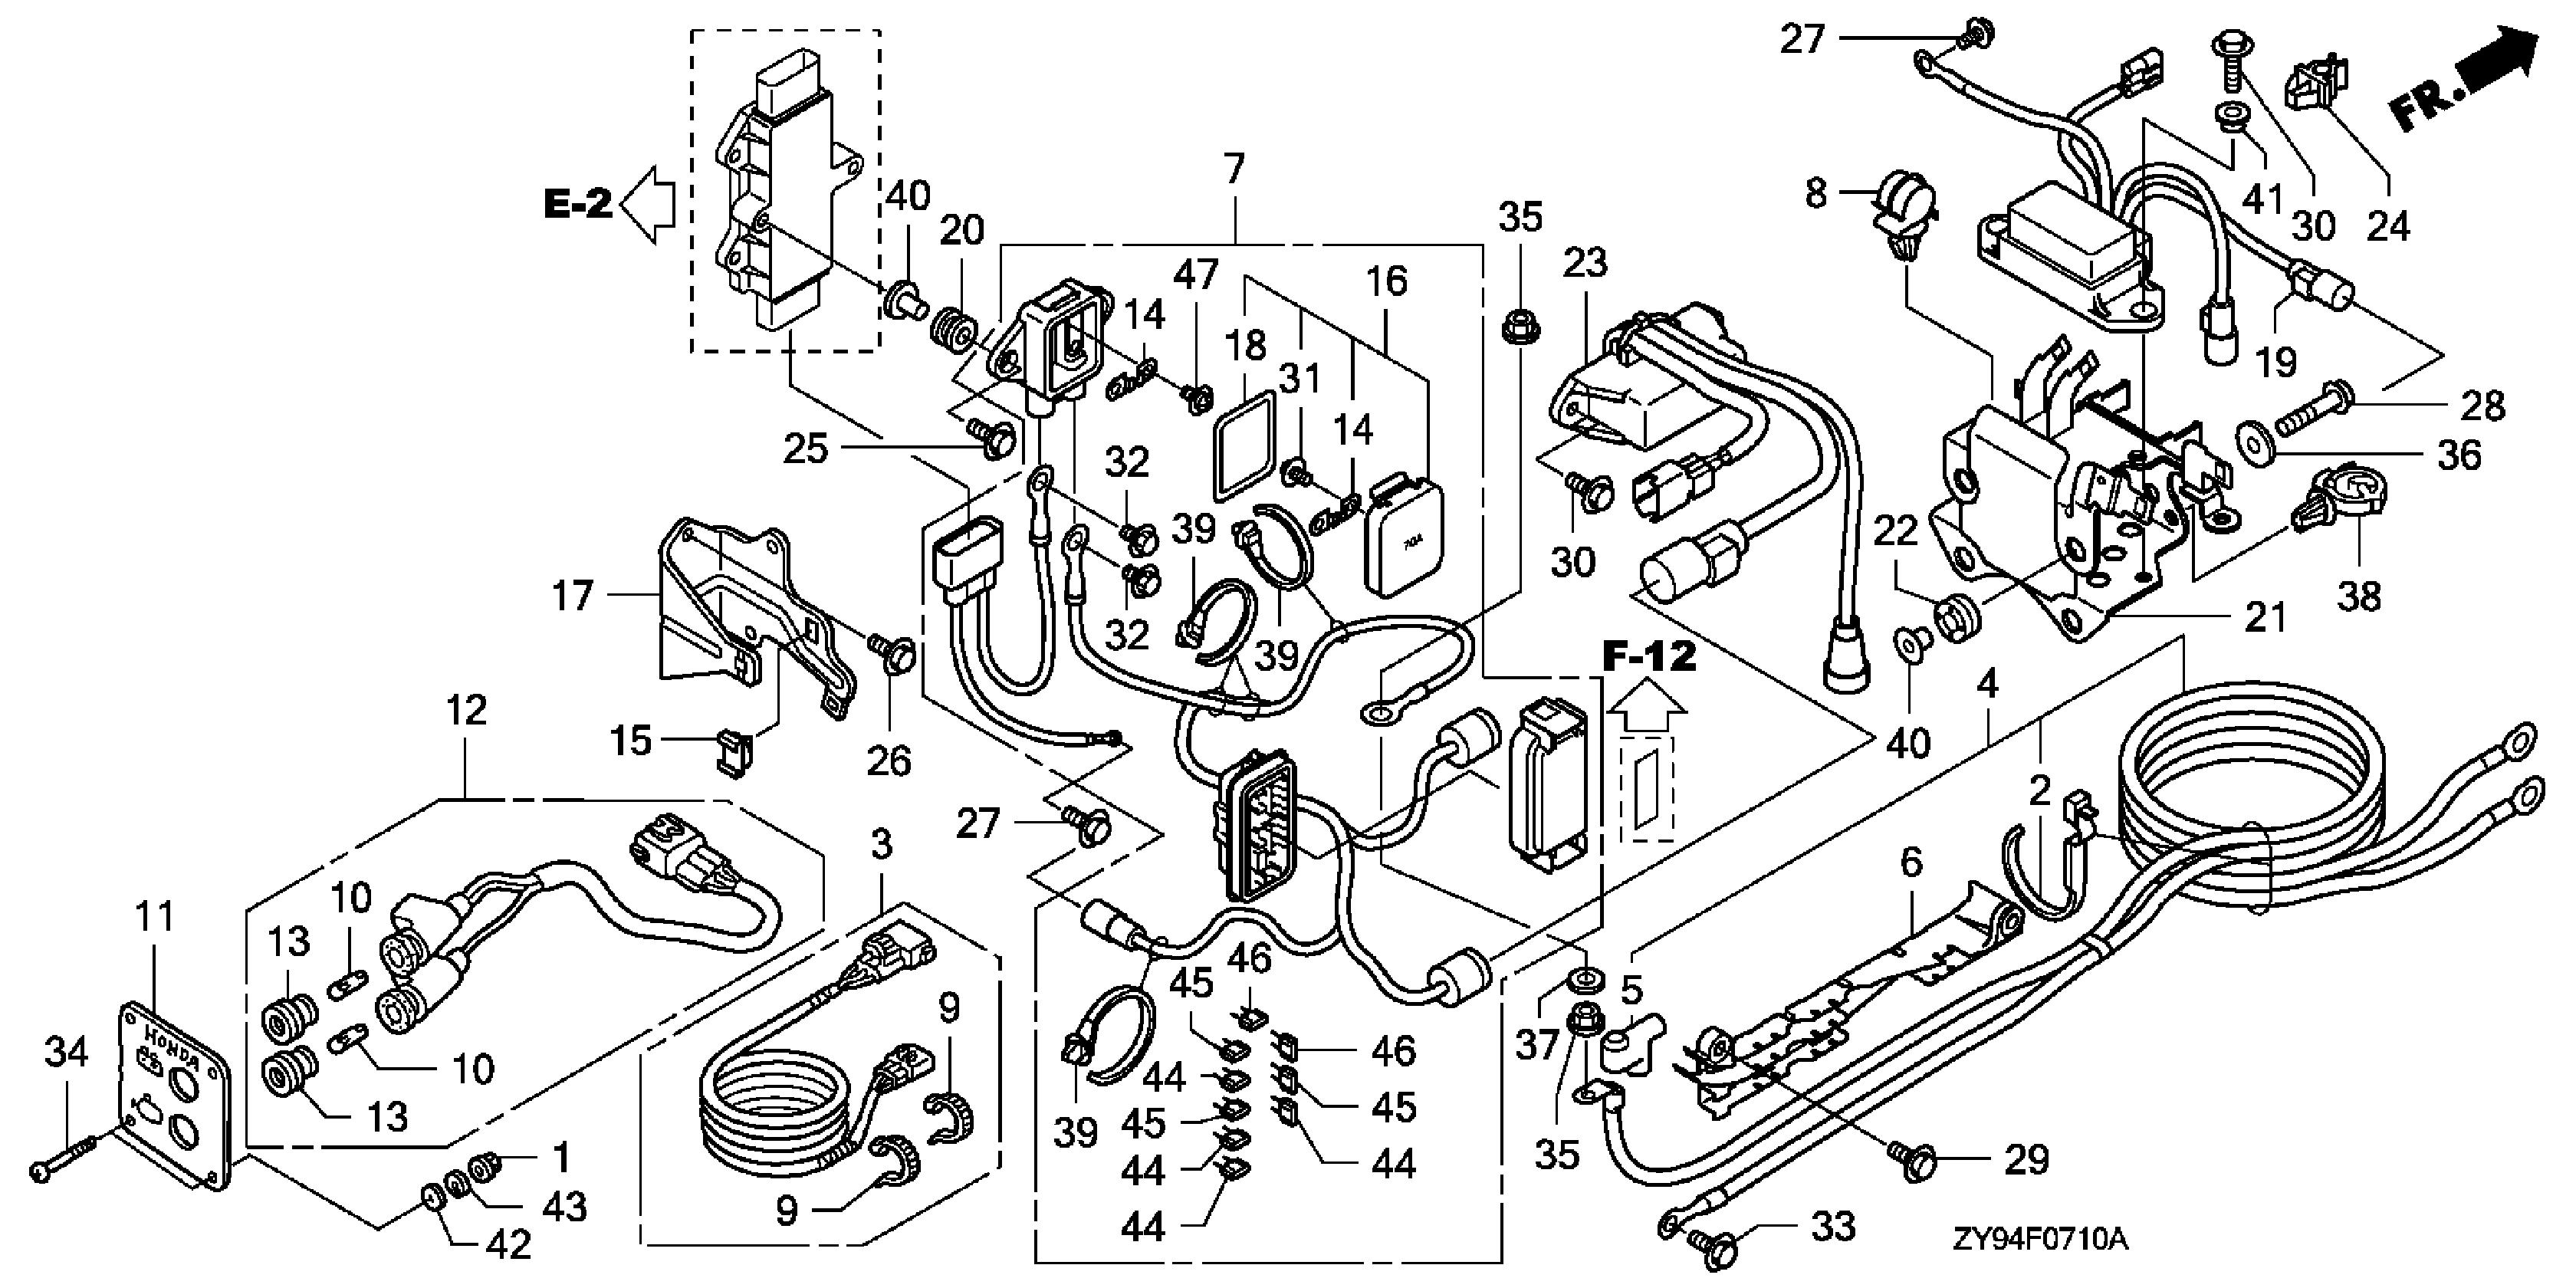 kubota b2410 wiring diagram